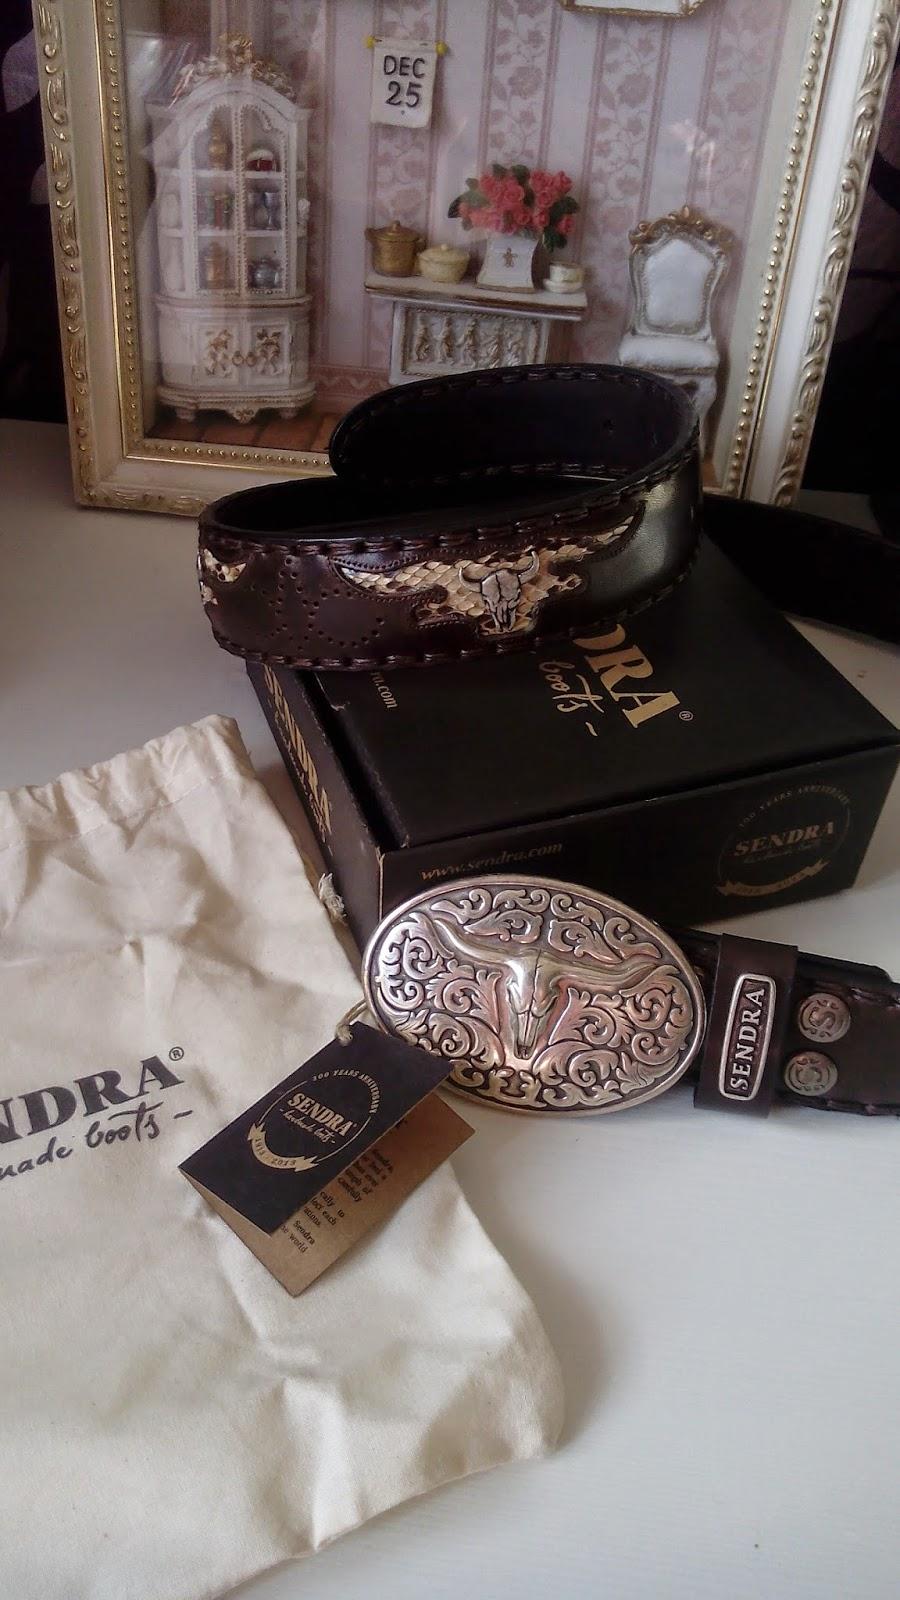 estilo oeste cowboy con Sendra y cinturon de piel de sendra